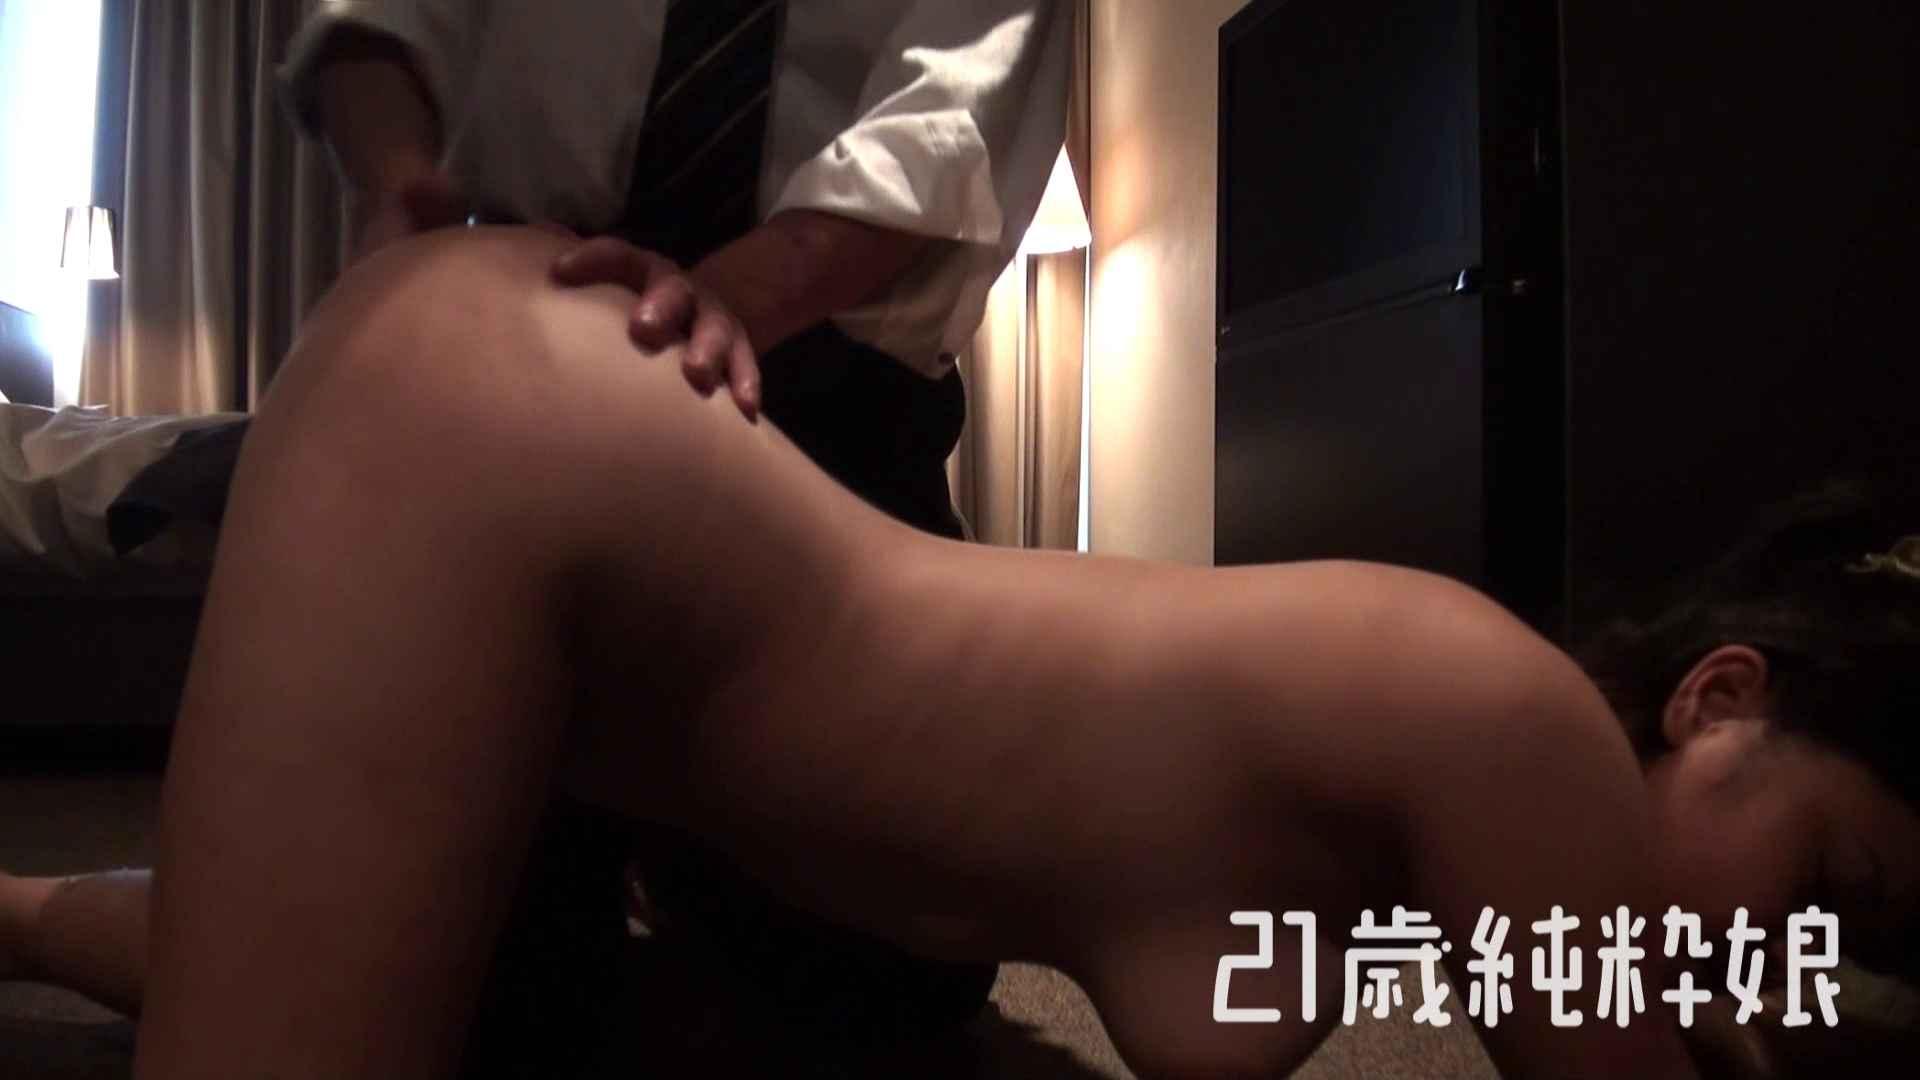 上京したばかりのGカップ21歳純粋嬢を都合の良い女にしてみた2 一般投稿 AV動画キャプチャ 70pic 38